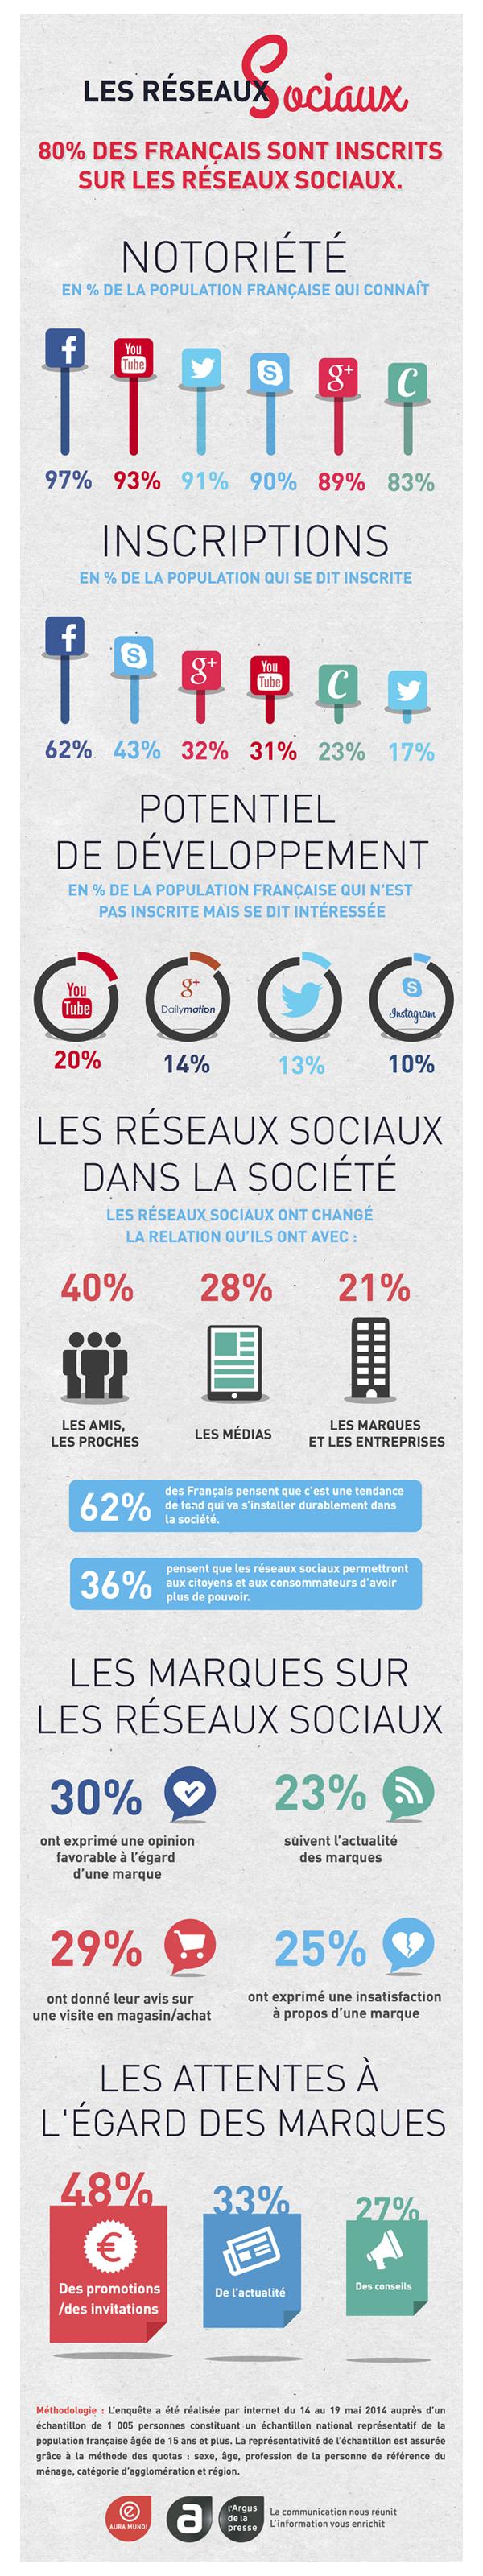 infographie Les réseaux sociaux Aura Mundi sur culture RP